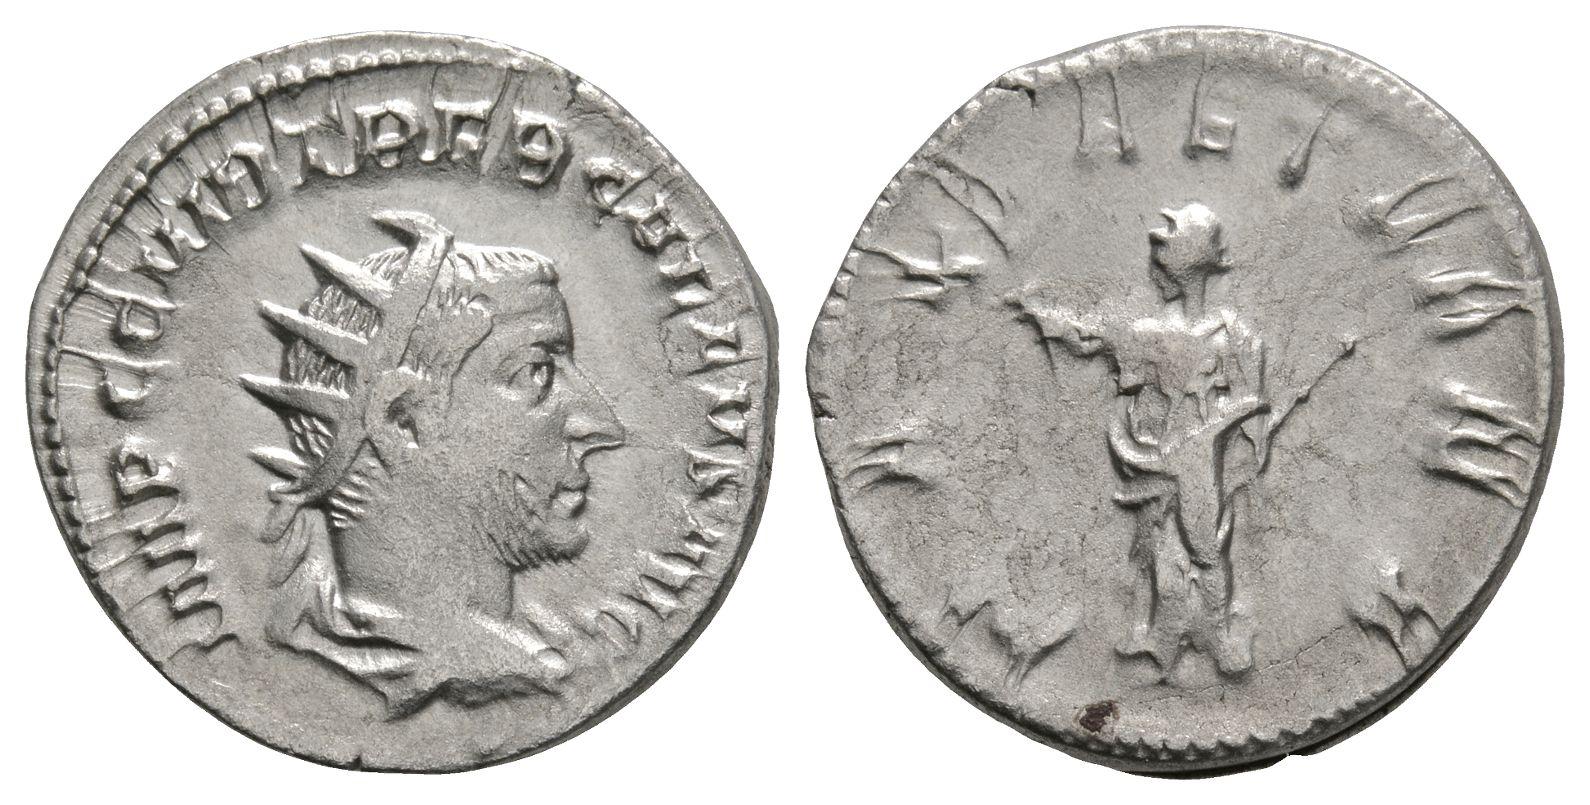 Roman Imperial Coins - Trebonianus Gallus - Pax Antoninianus